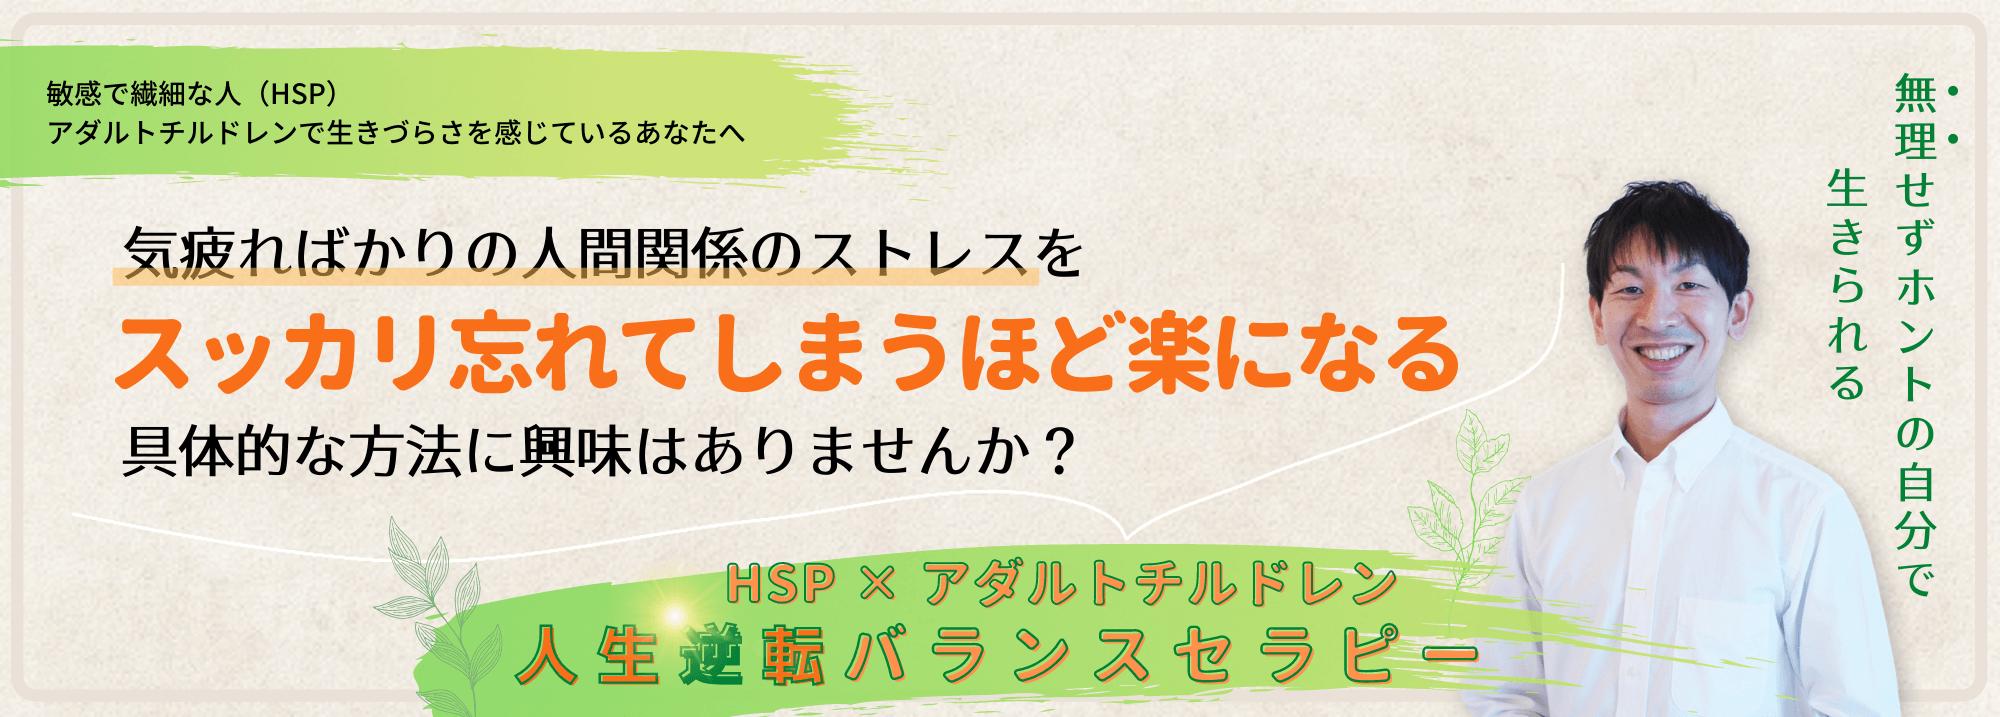 HSP×アダルトチルドレン人生逆転バランスセラピー│カウンセリングルーム・ココロ灯す